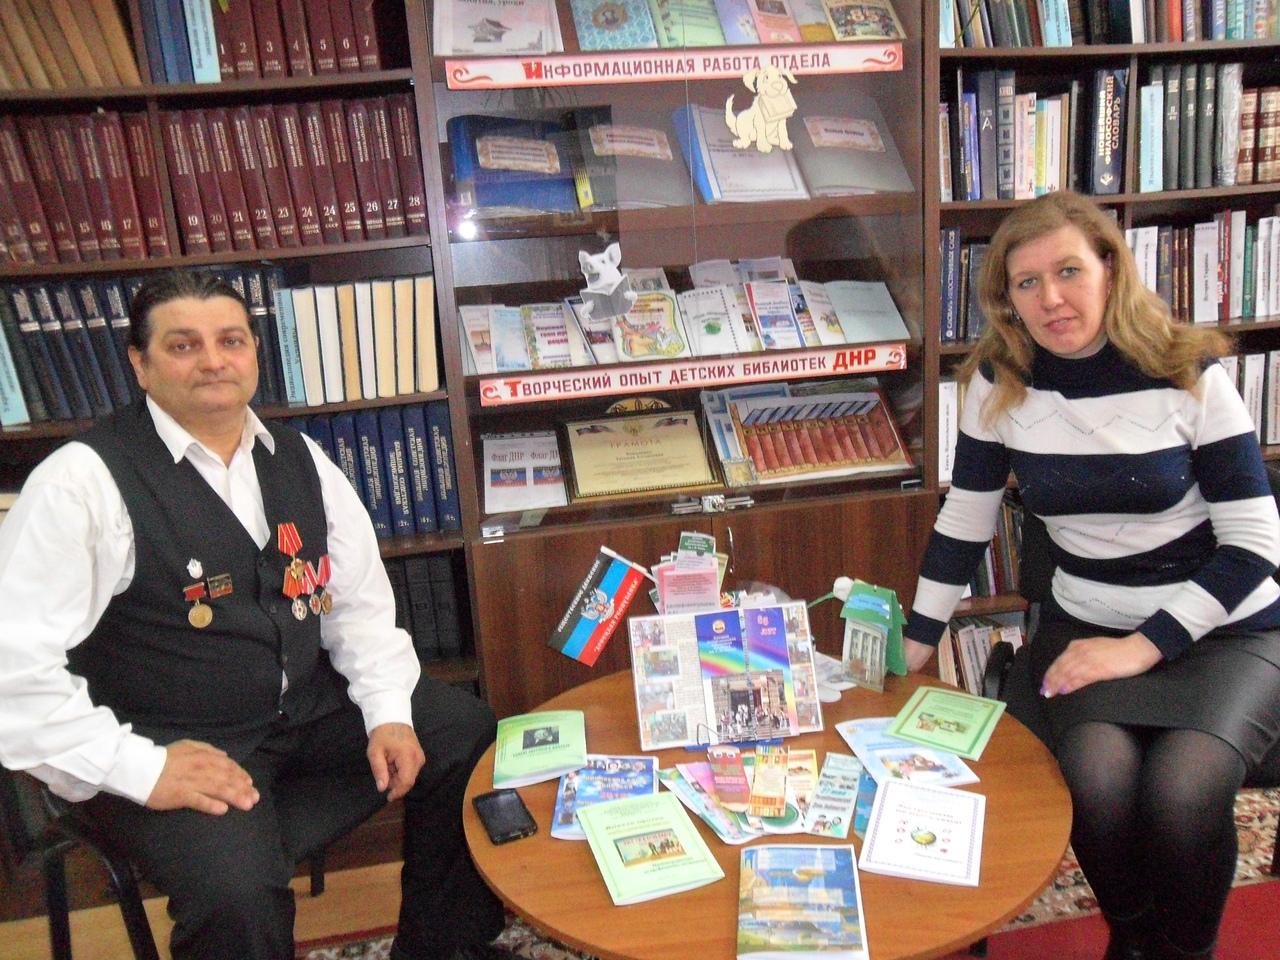 донецкая республиканская библиотека для детей, владимир чачанидзе, отдел справочно-библиографического и информационного обслуживания